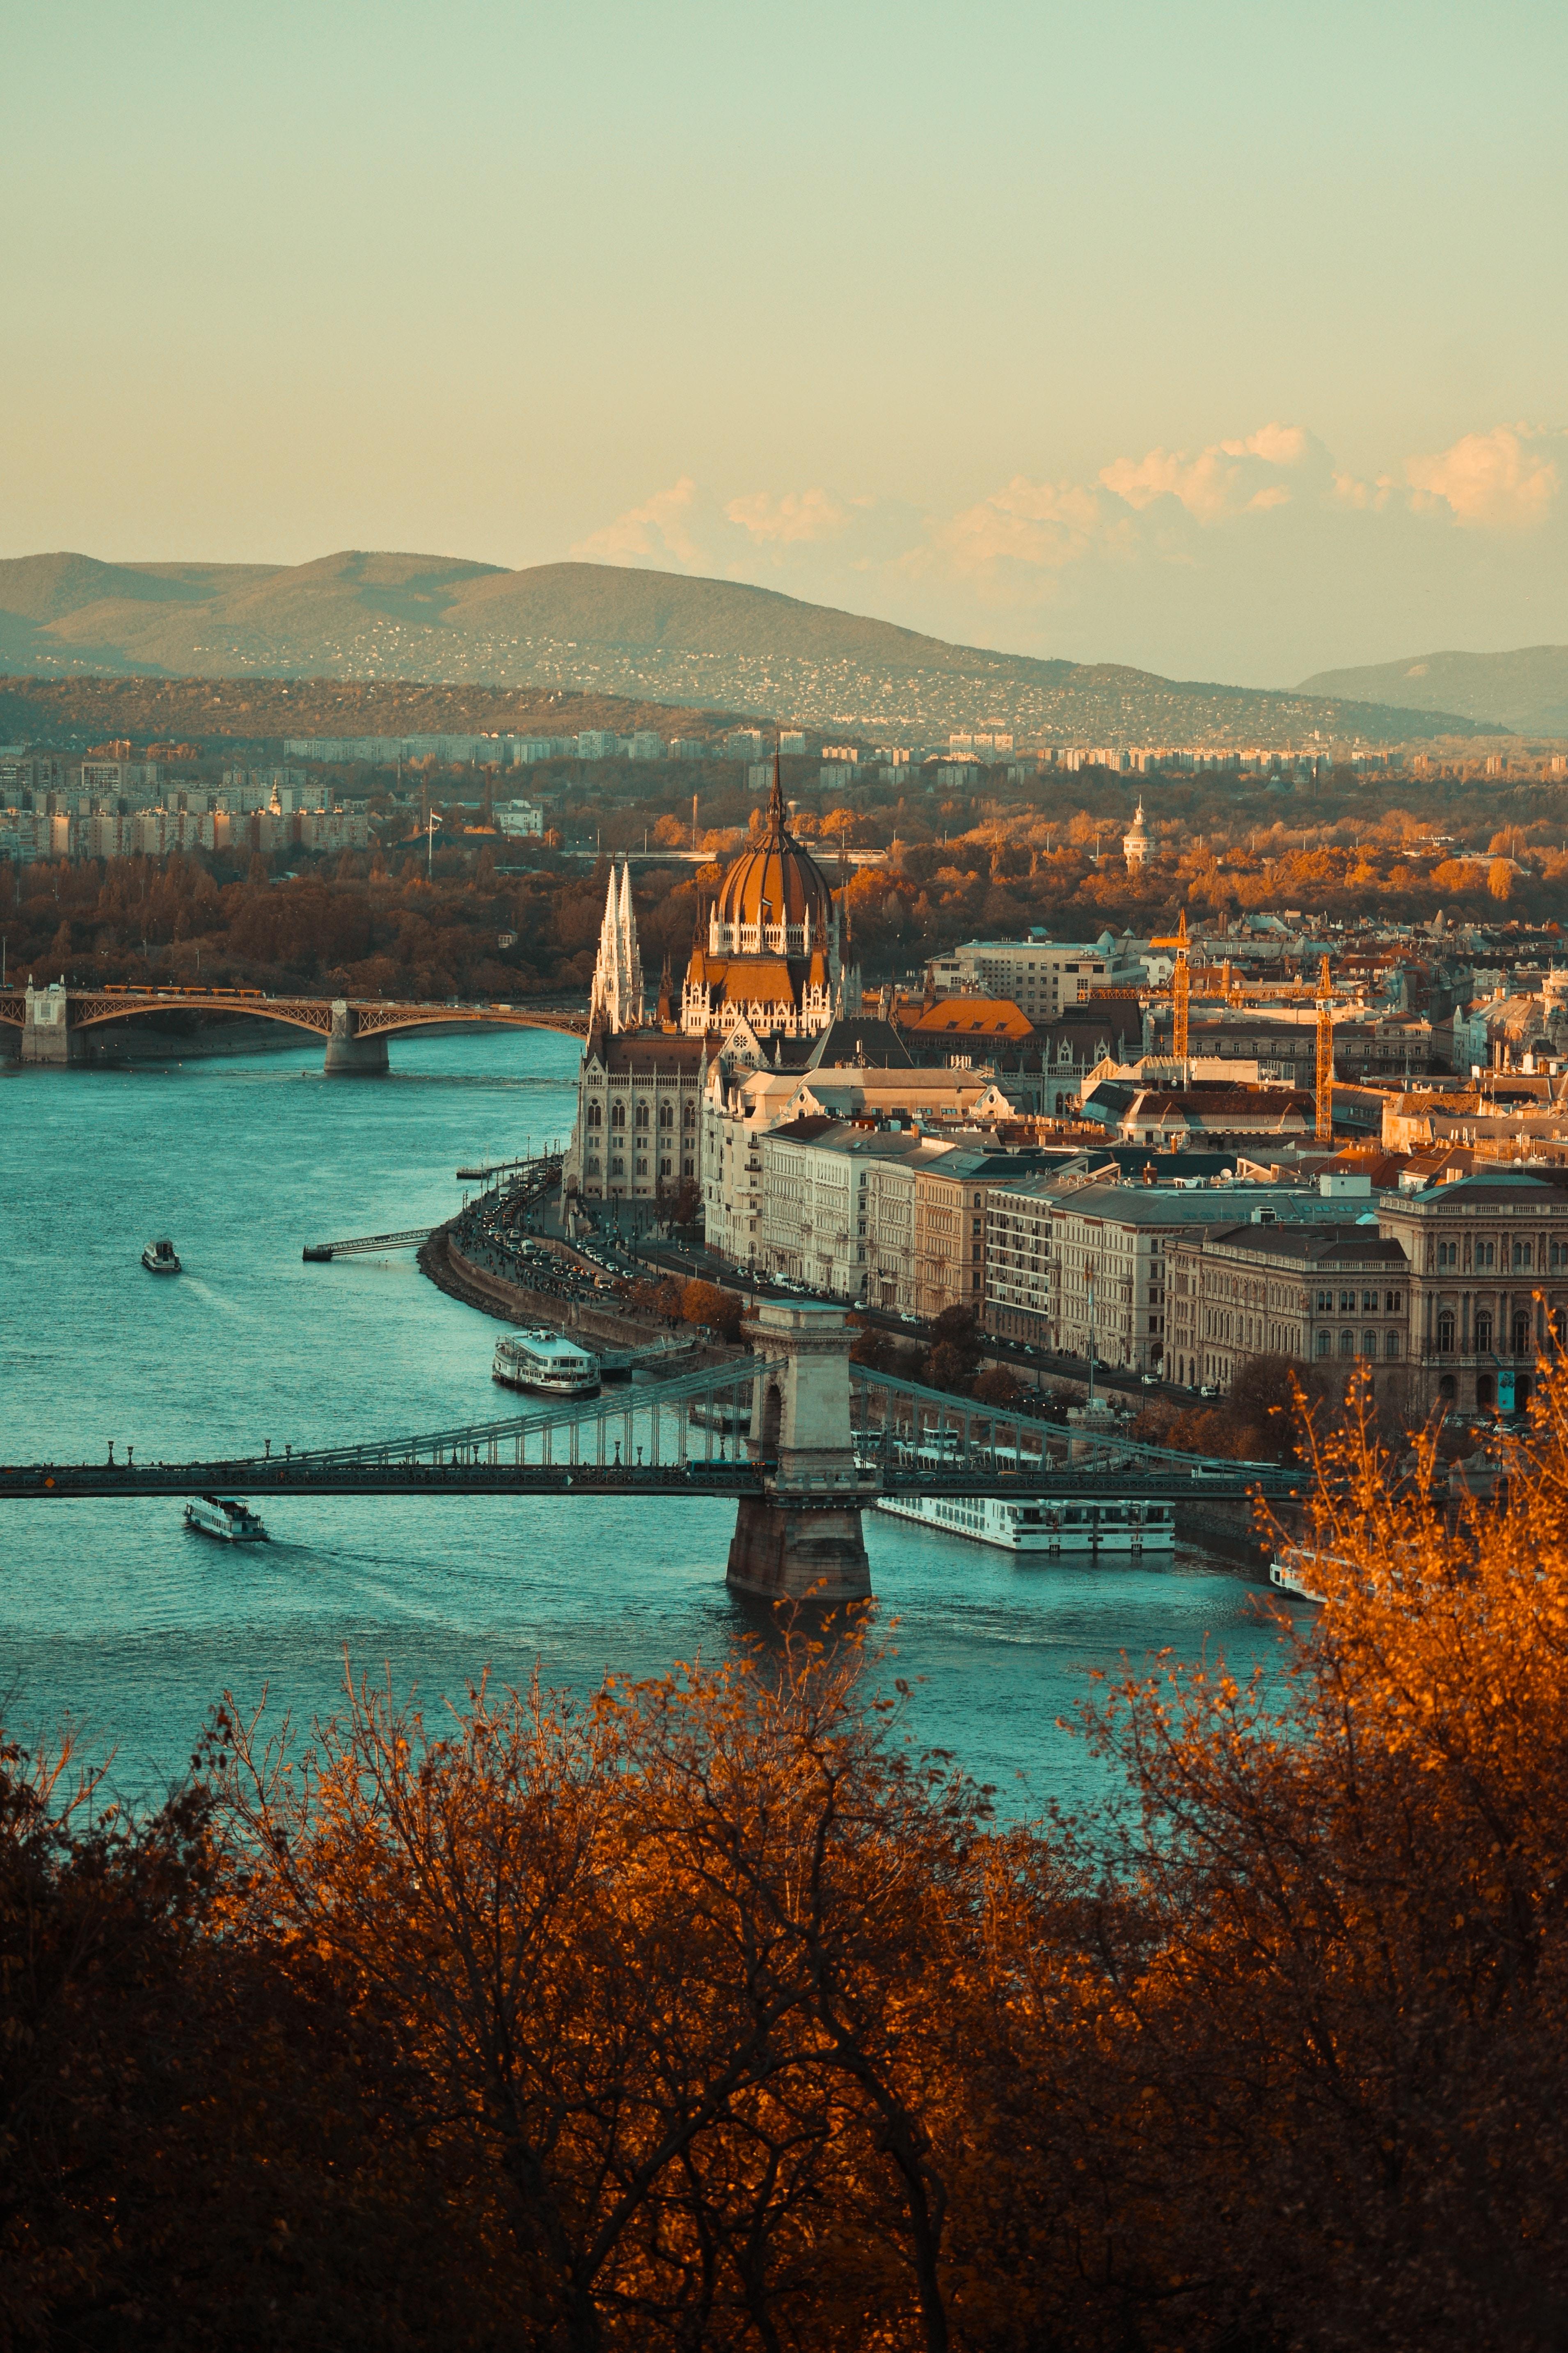 Image by Keszthelyi Timi